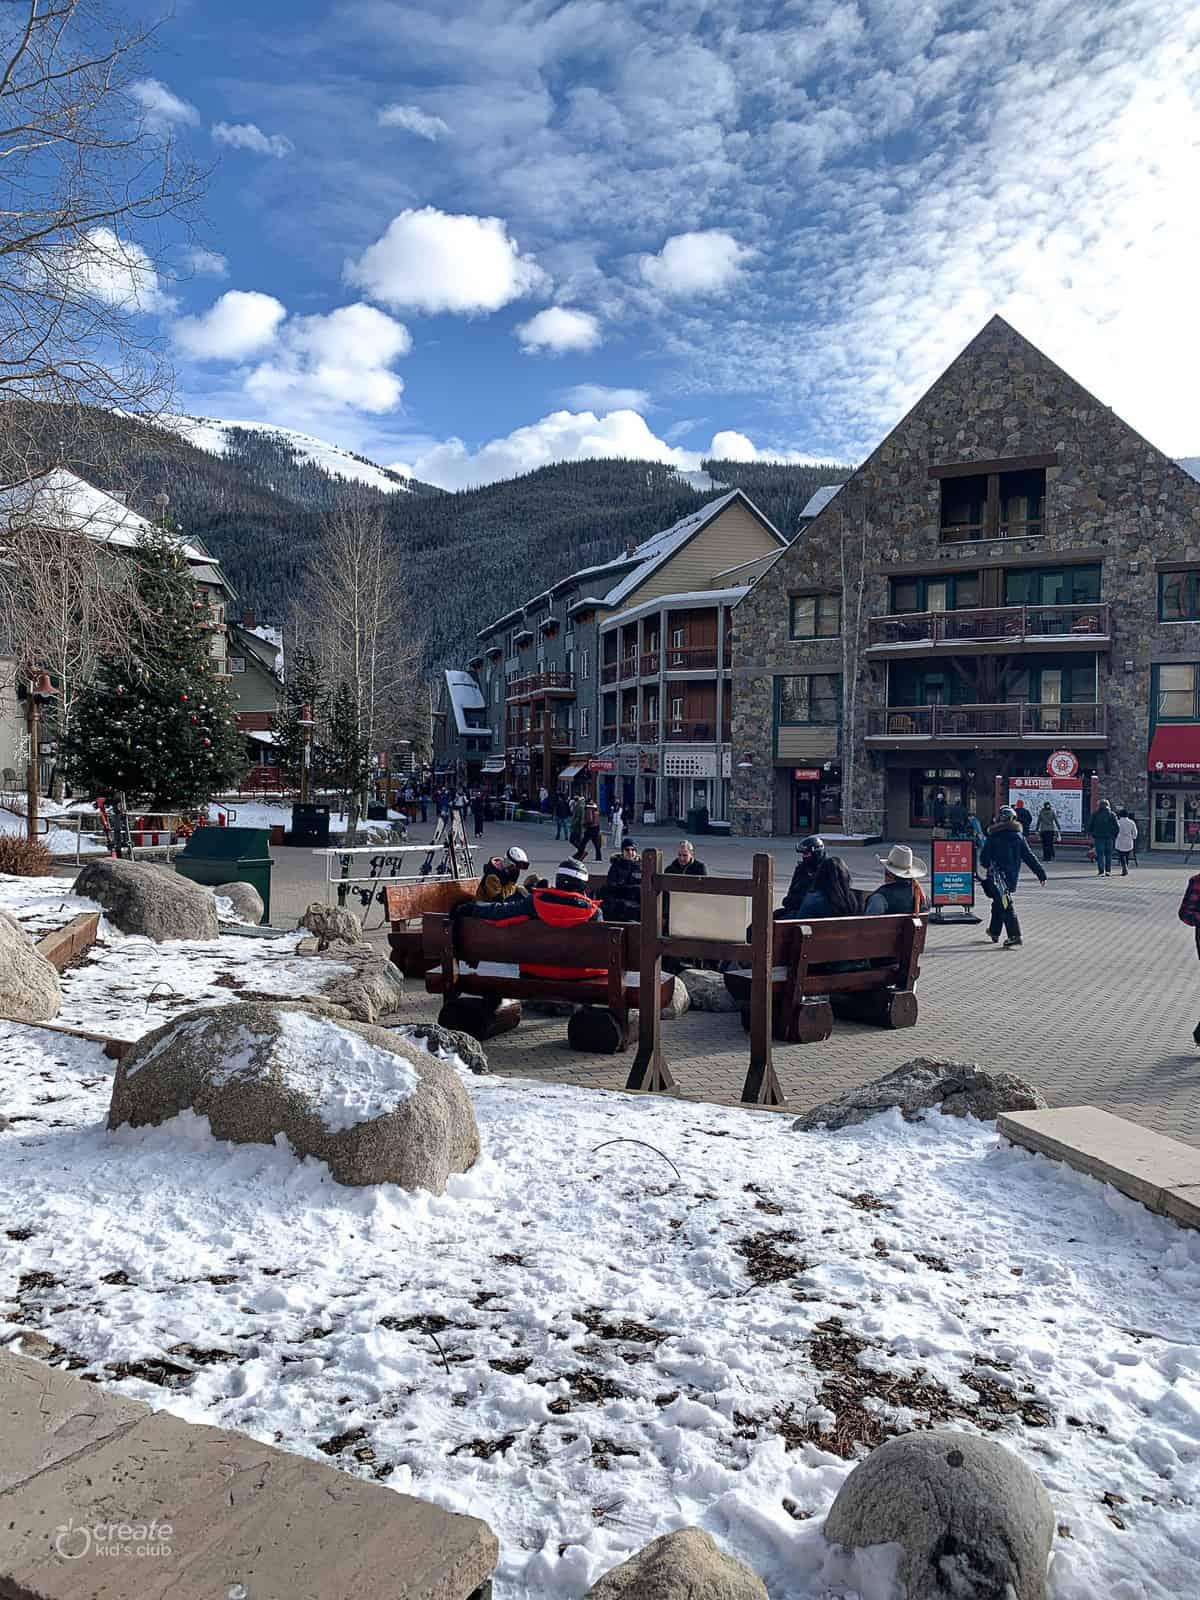 shopping center in Colorado